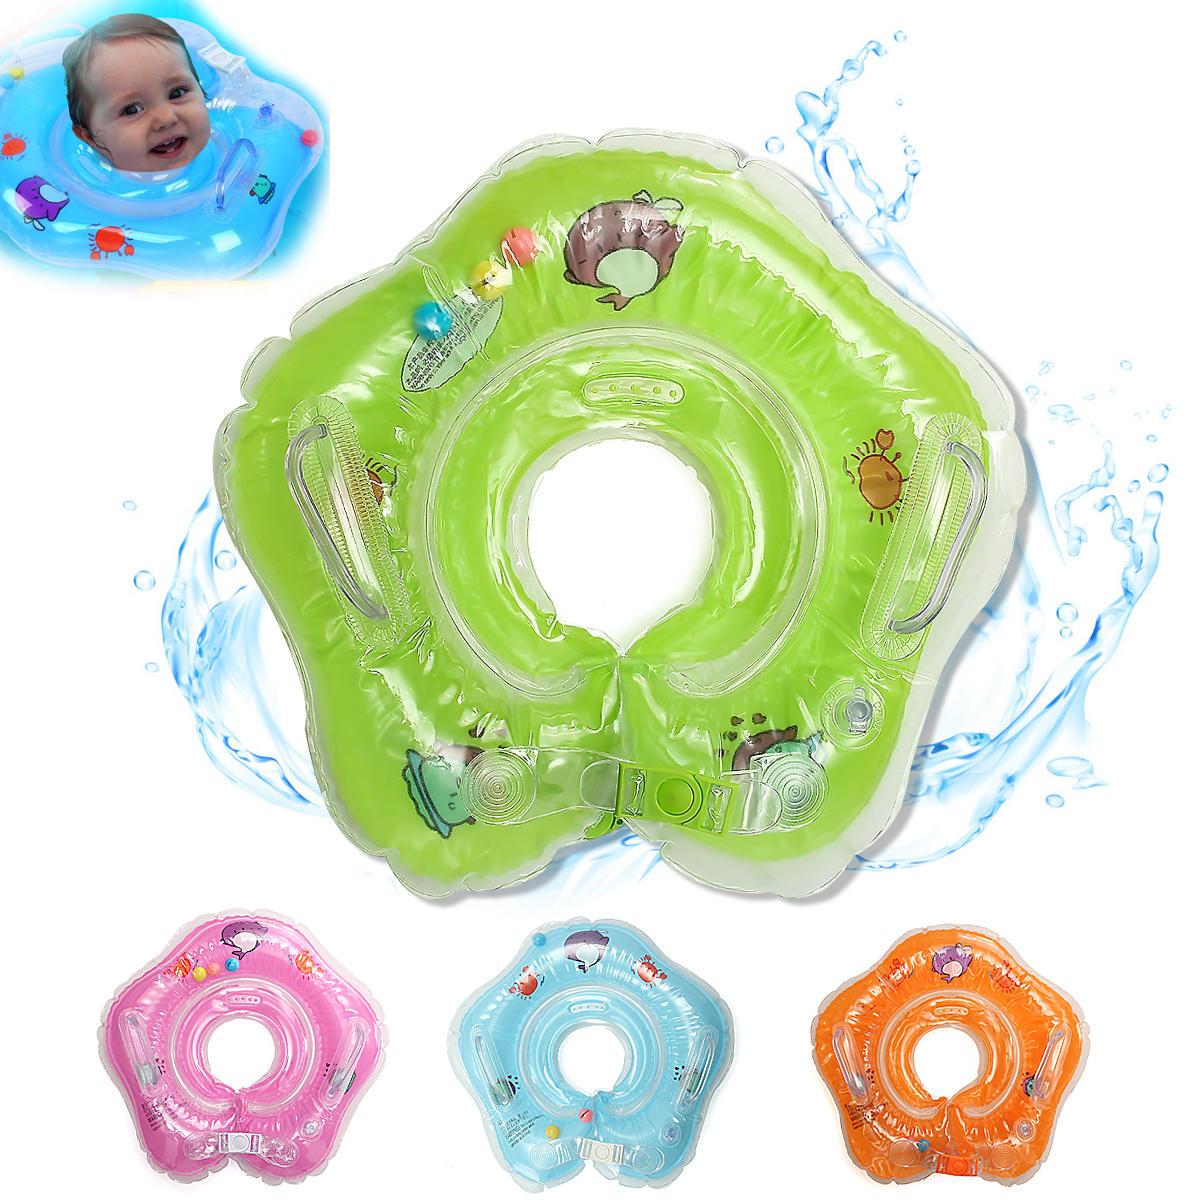 IPRee ™ Baby Infant Swimming Бассейн Ванна Шея Плавающее надувное кольцо Встроенное Ремень